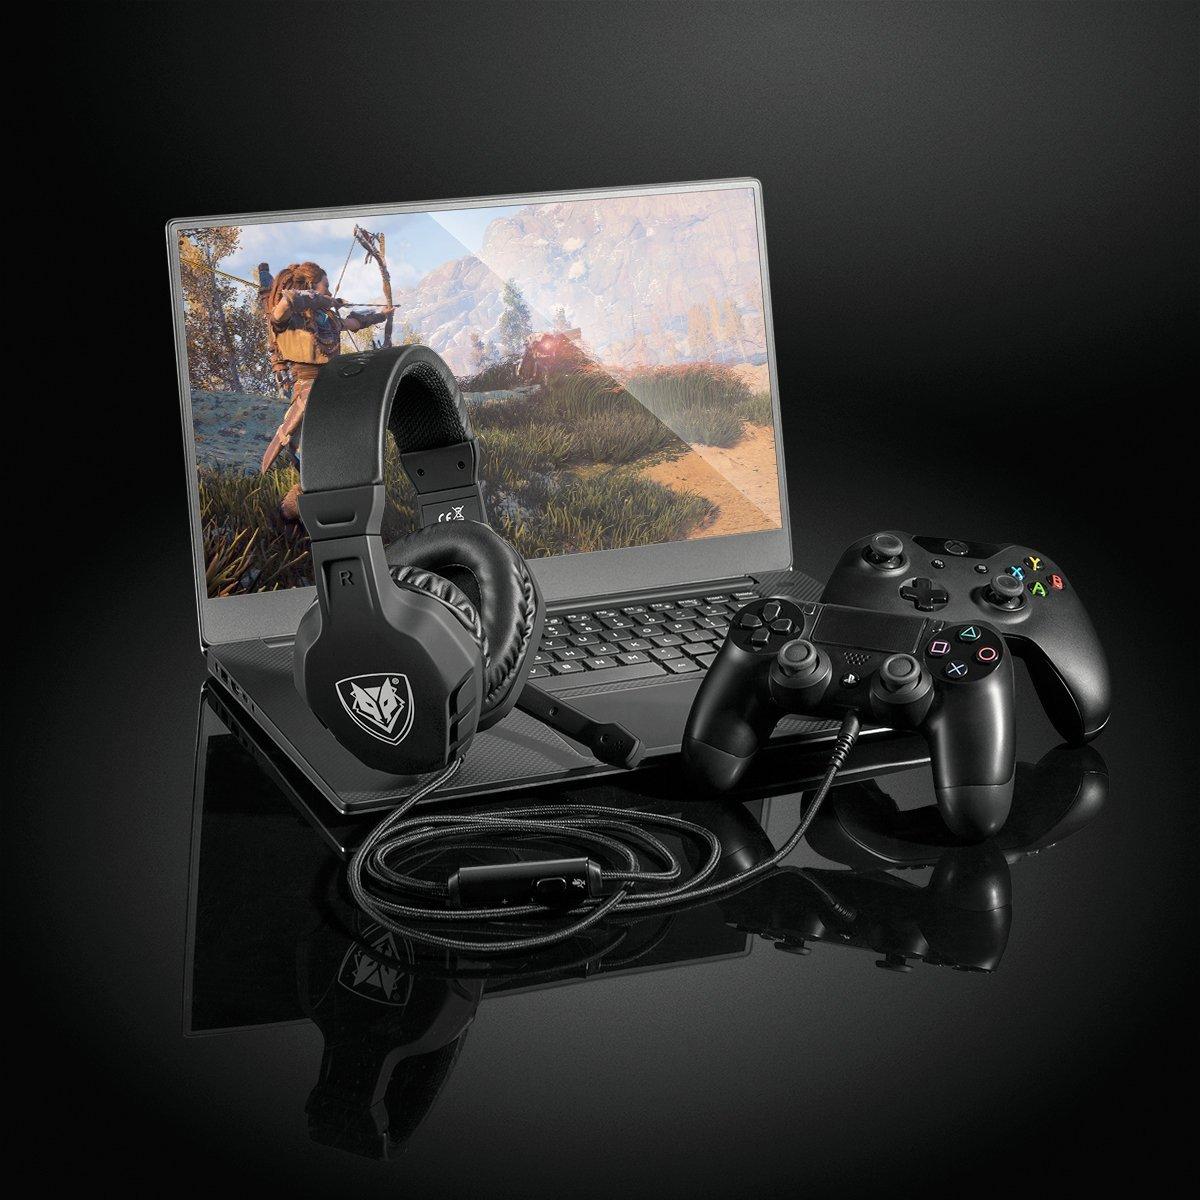 Android e iPhone-Rosso U3 Stereo Cavo per PC Gaming Headset con Microfono cancellazione del Rumore Mac Xbox One Cuffie Auricolari con Volume /& Controllo Mute per PC NUBWO PS4 Gaming Headset PS4